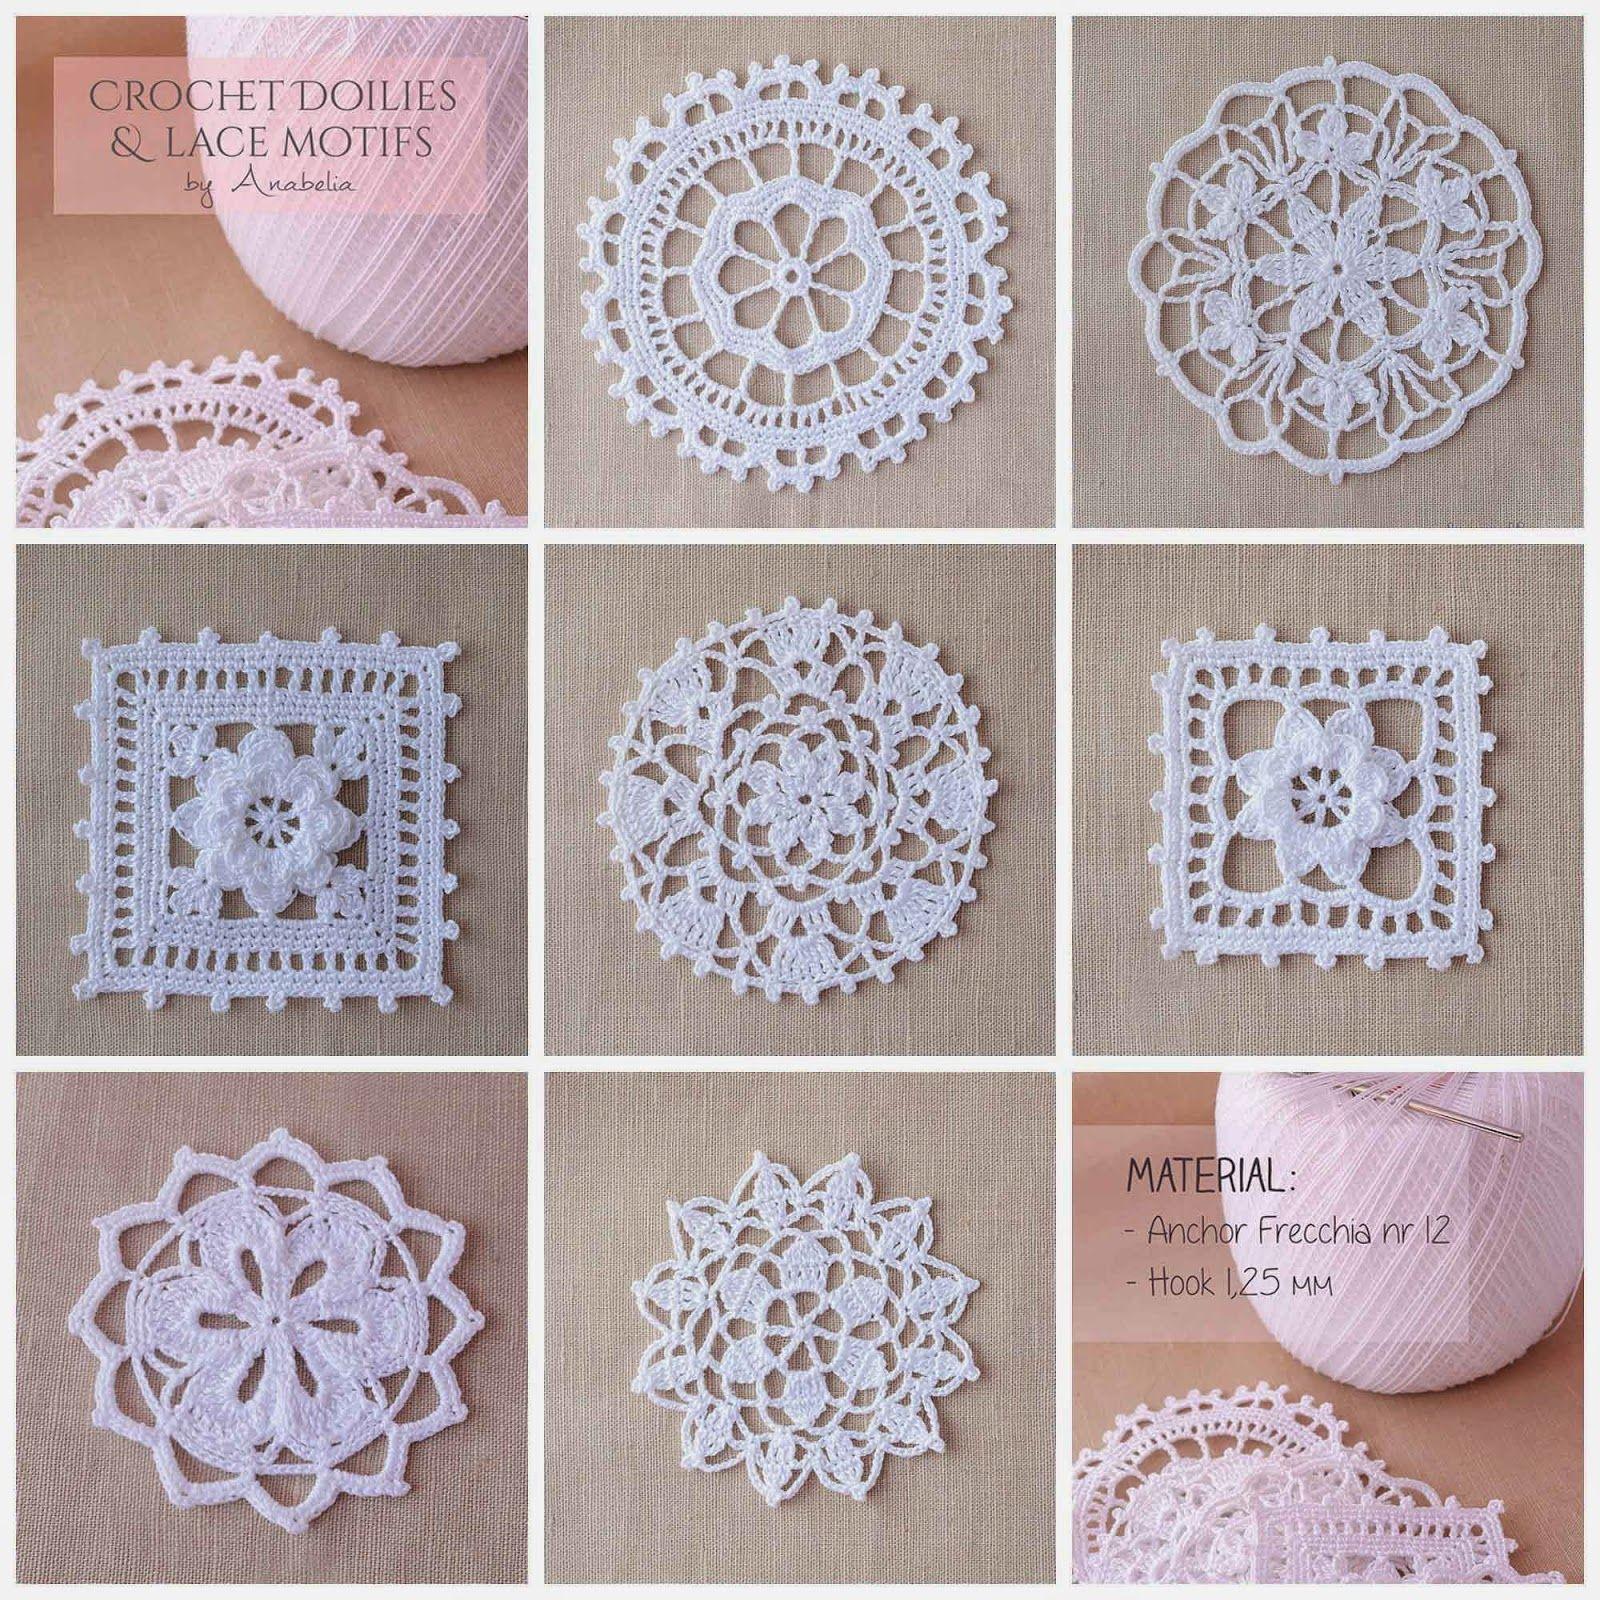 Lace crochet motifs by Anabelia | Crochet | Pinterest | Encaje de ...